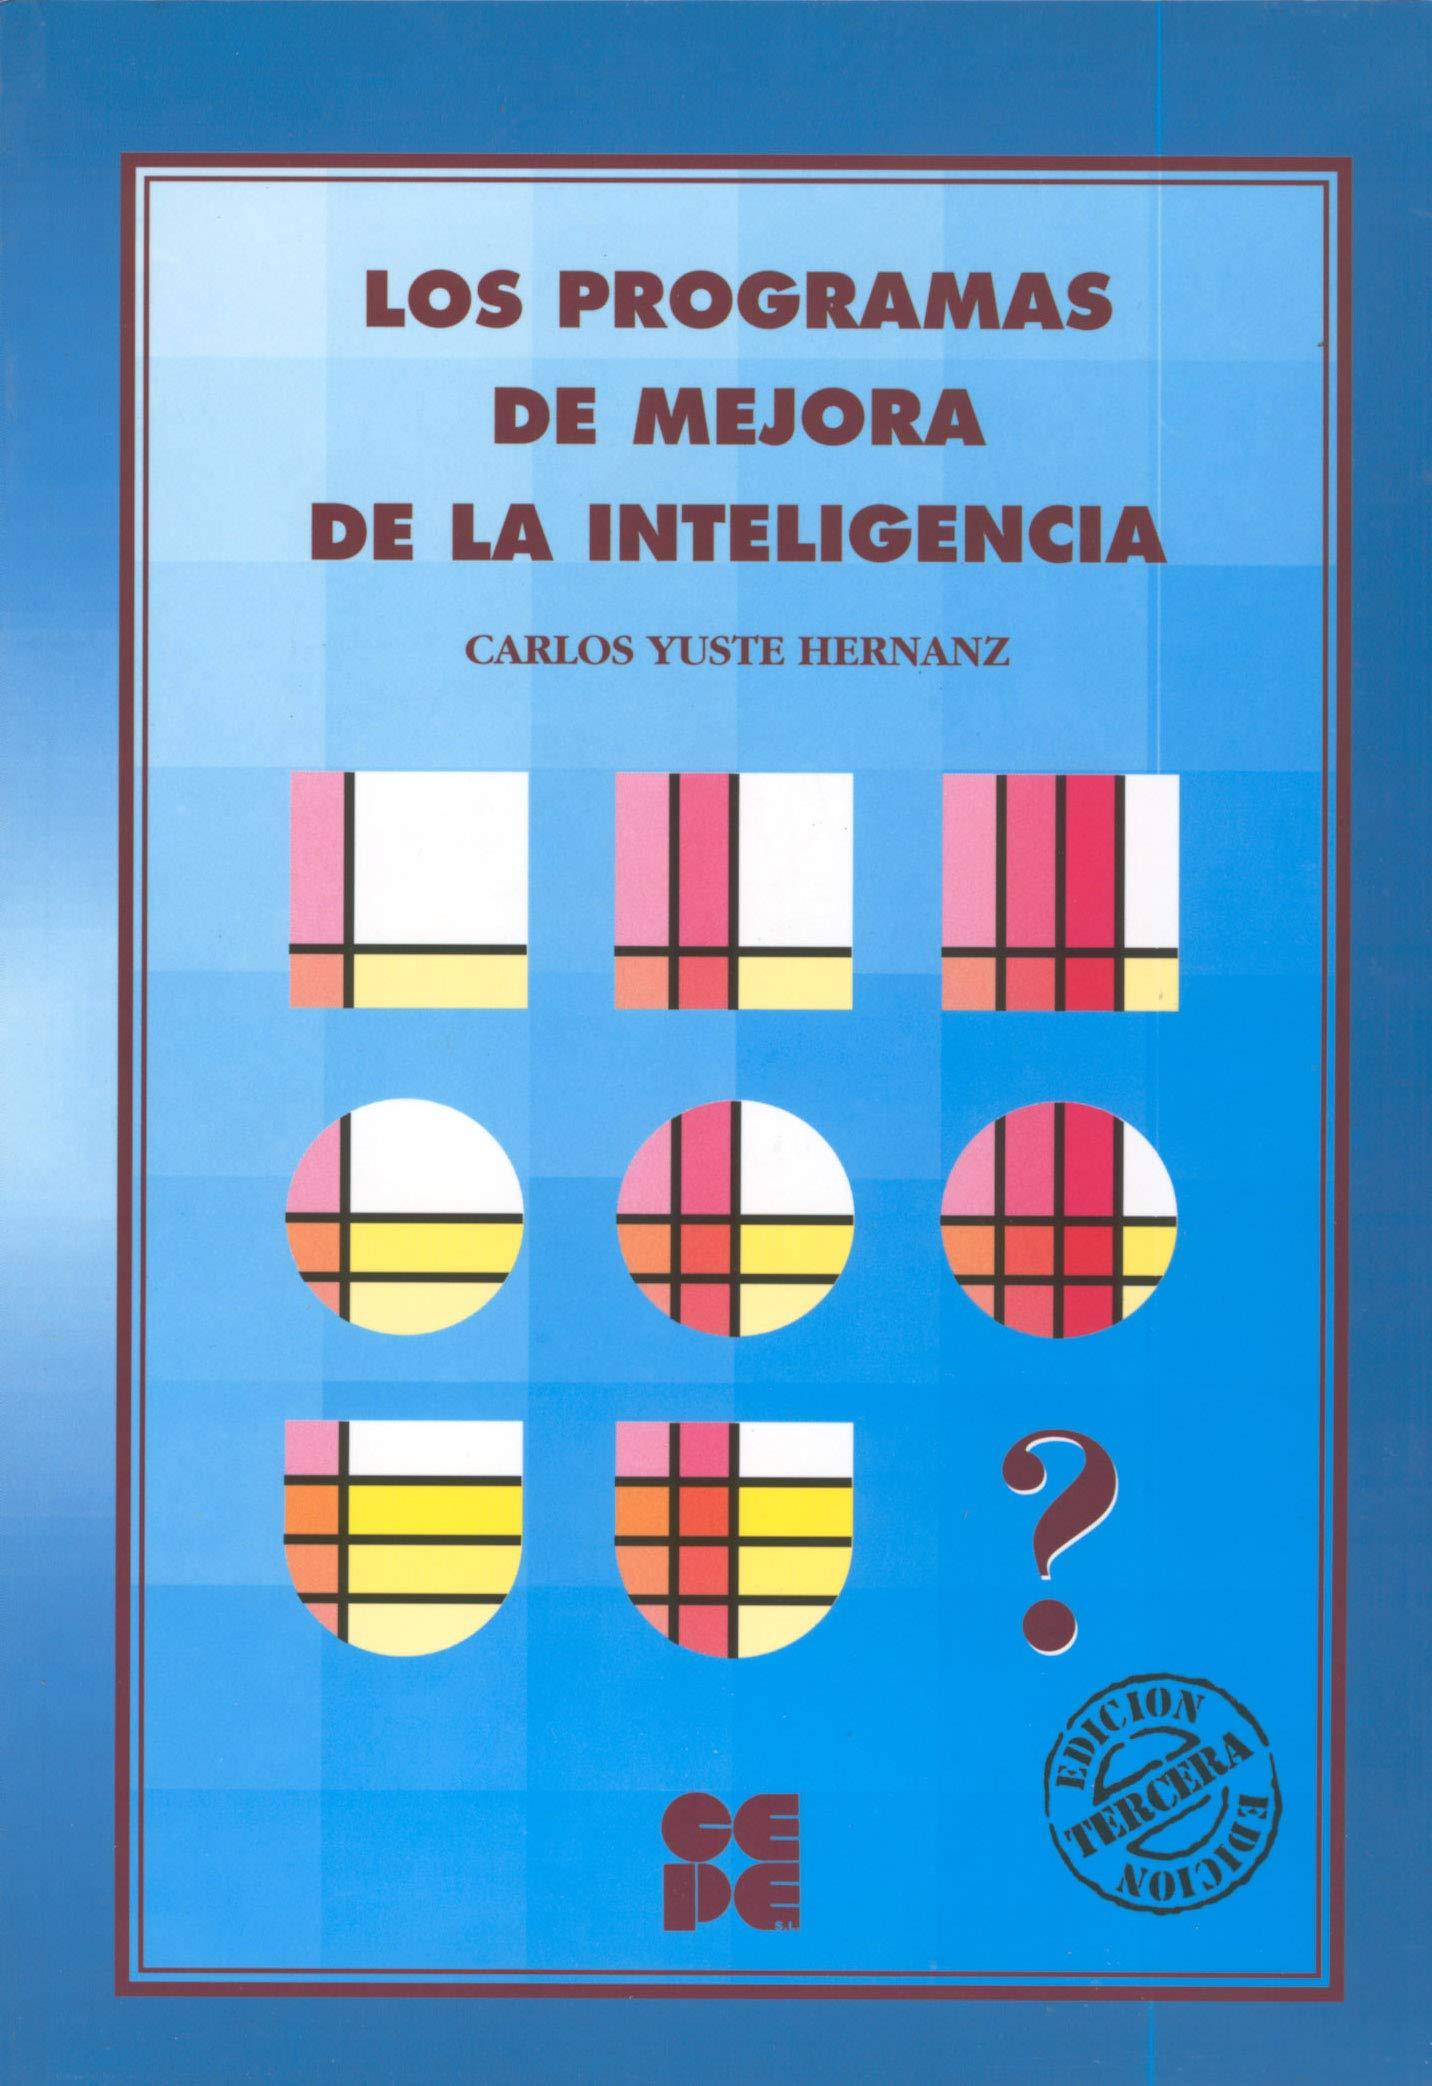 Los Programas de Mejora de la Inteligencia: 12 Estrategias para aprender: Amazon.es: Yuste Hernanz, Carlos: Libros